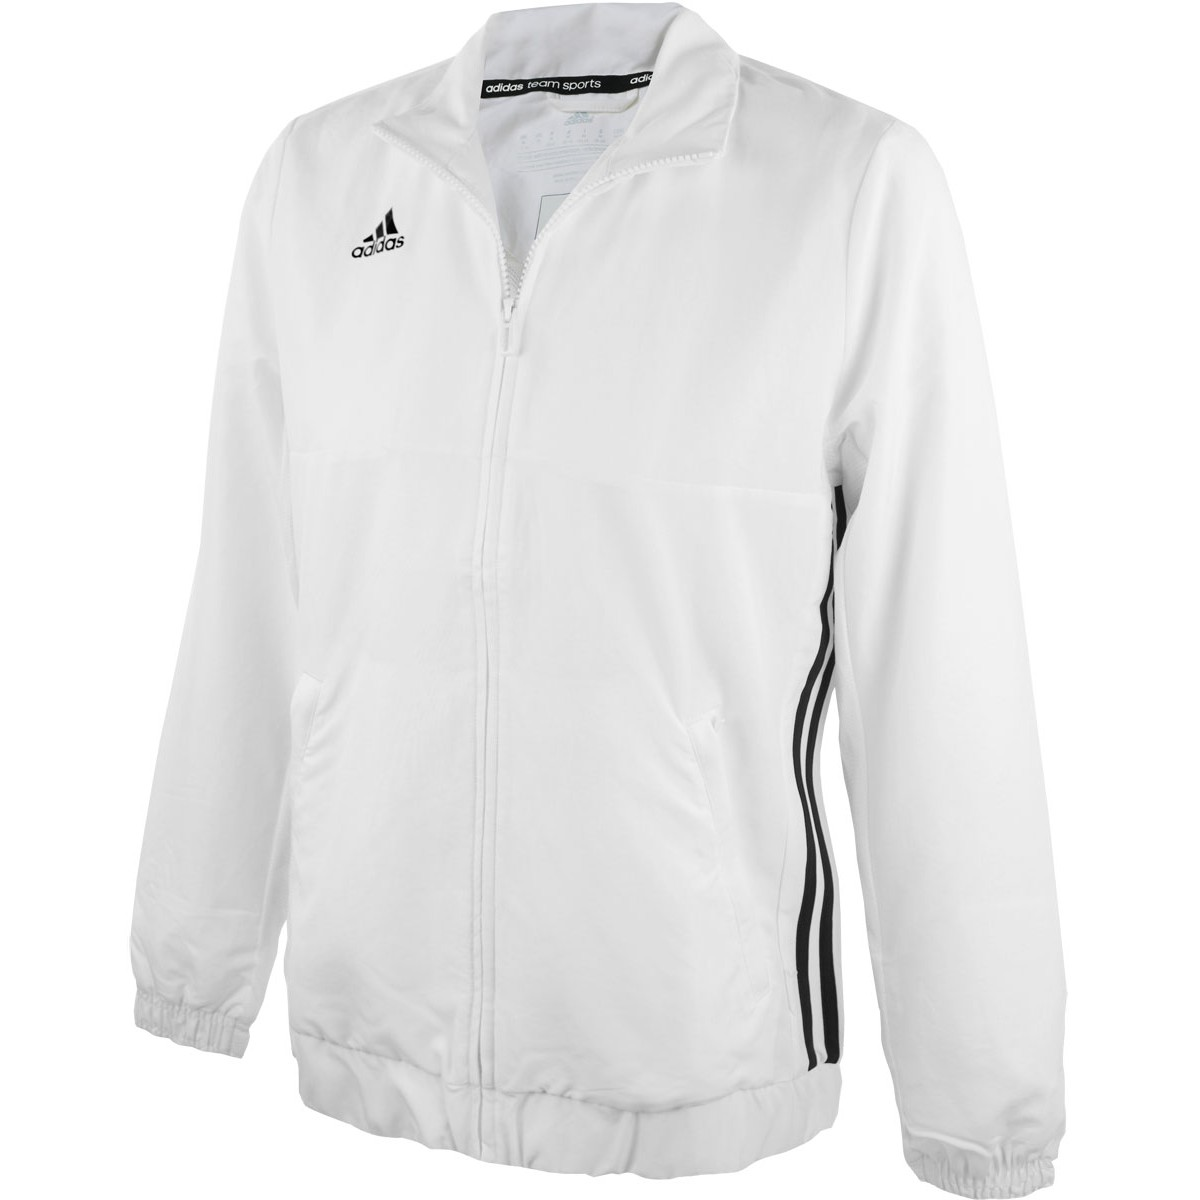 check-out f433b a8de0 nouvelle veste adidas femme